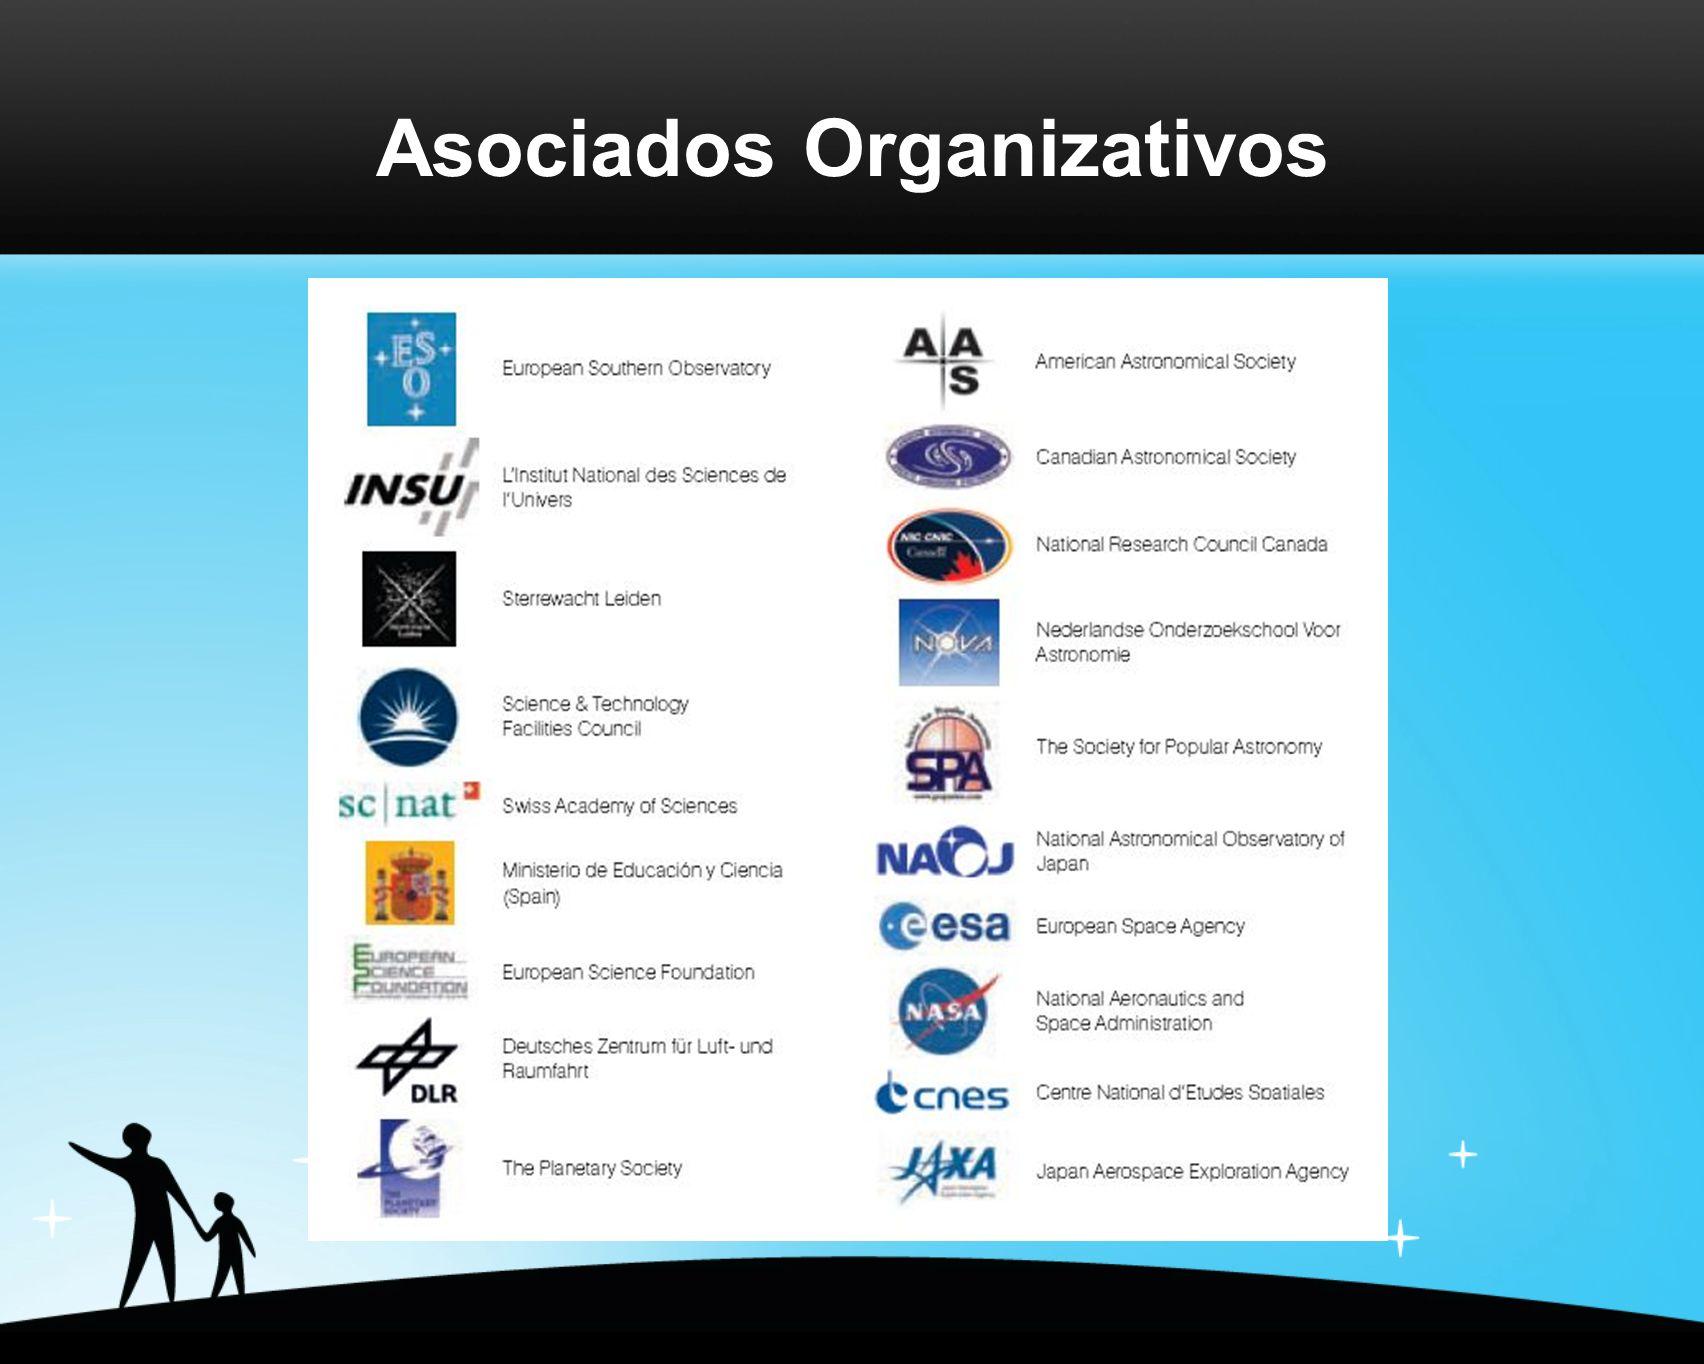 Asociados Organizativos